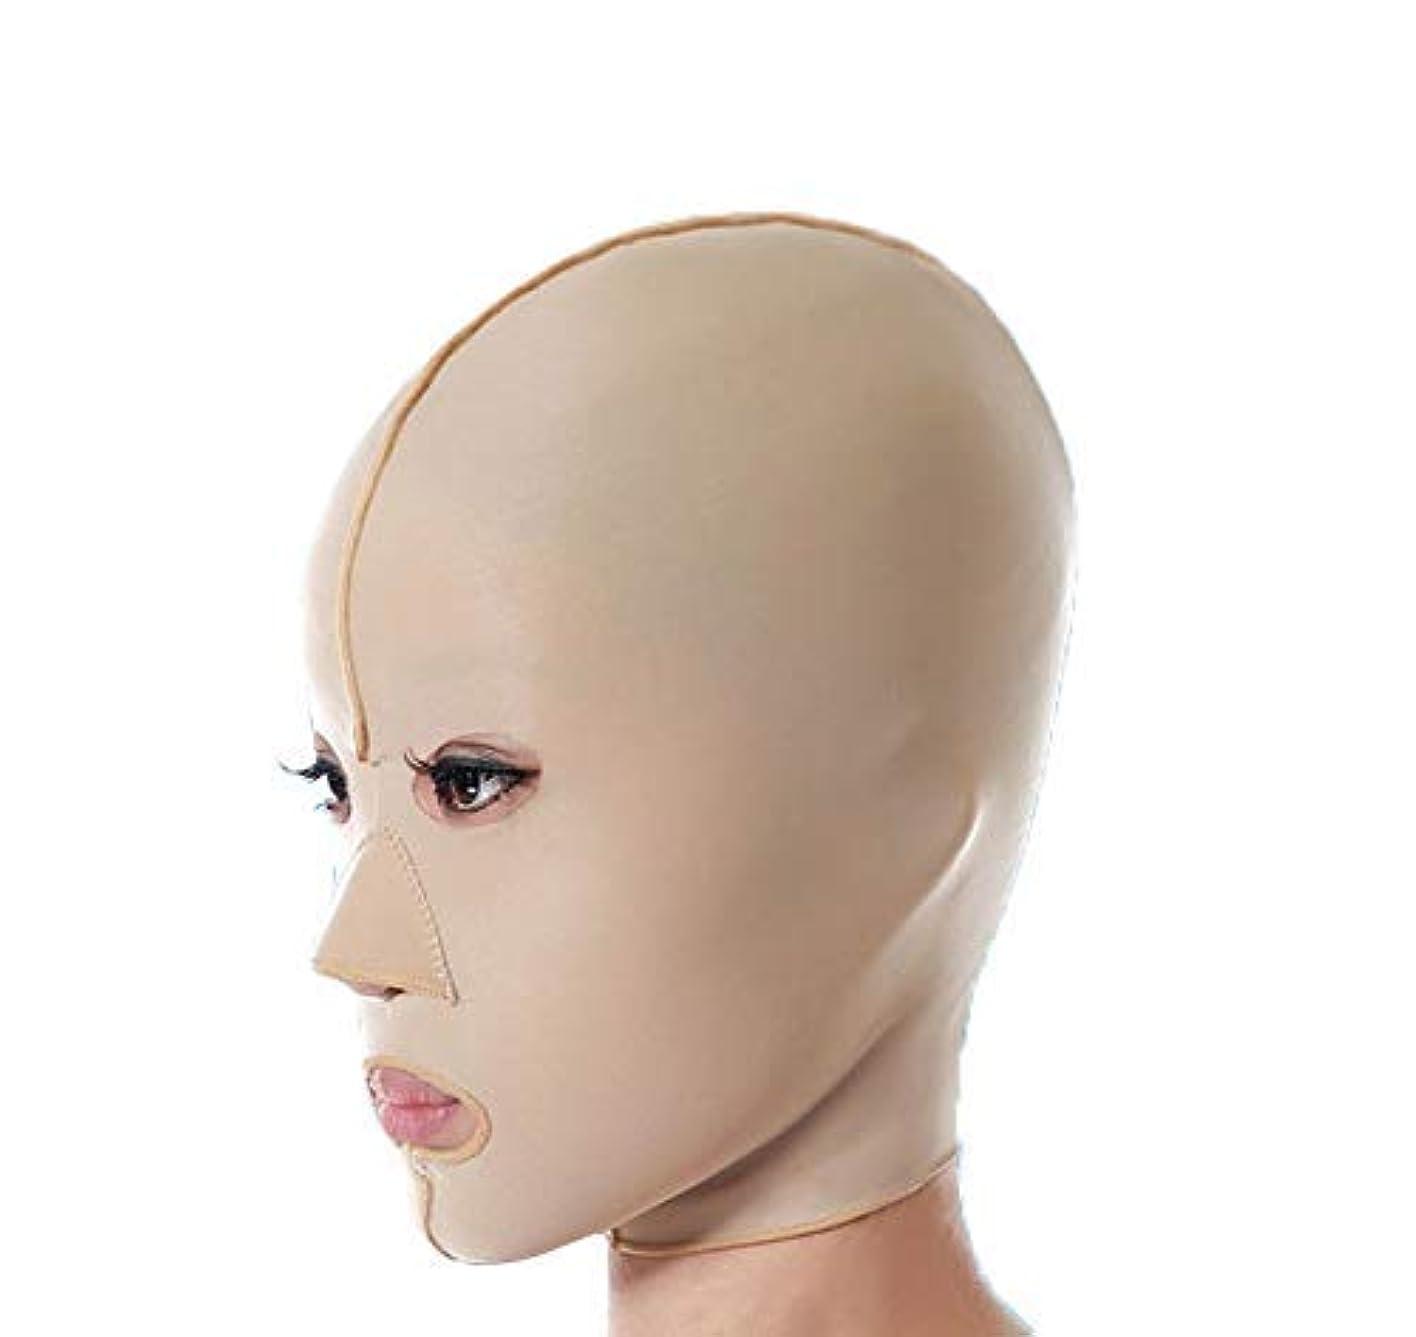 兵隊戦い自治ファーミングフェイスマスク、フェイシャルマスク医学強力なフェイスマスクアーティファクト美容垂れ防止法パターンフェイシャルリフティングファーミングフルフェイスマスク(サイズ:M),Xl